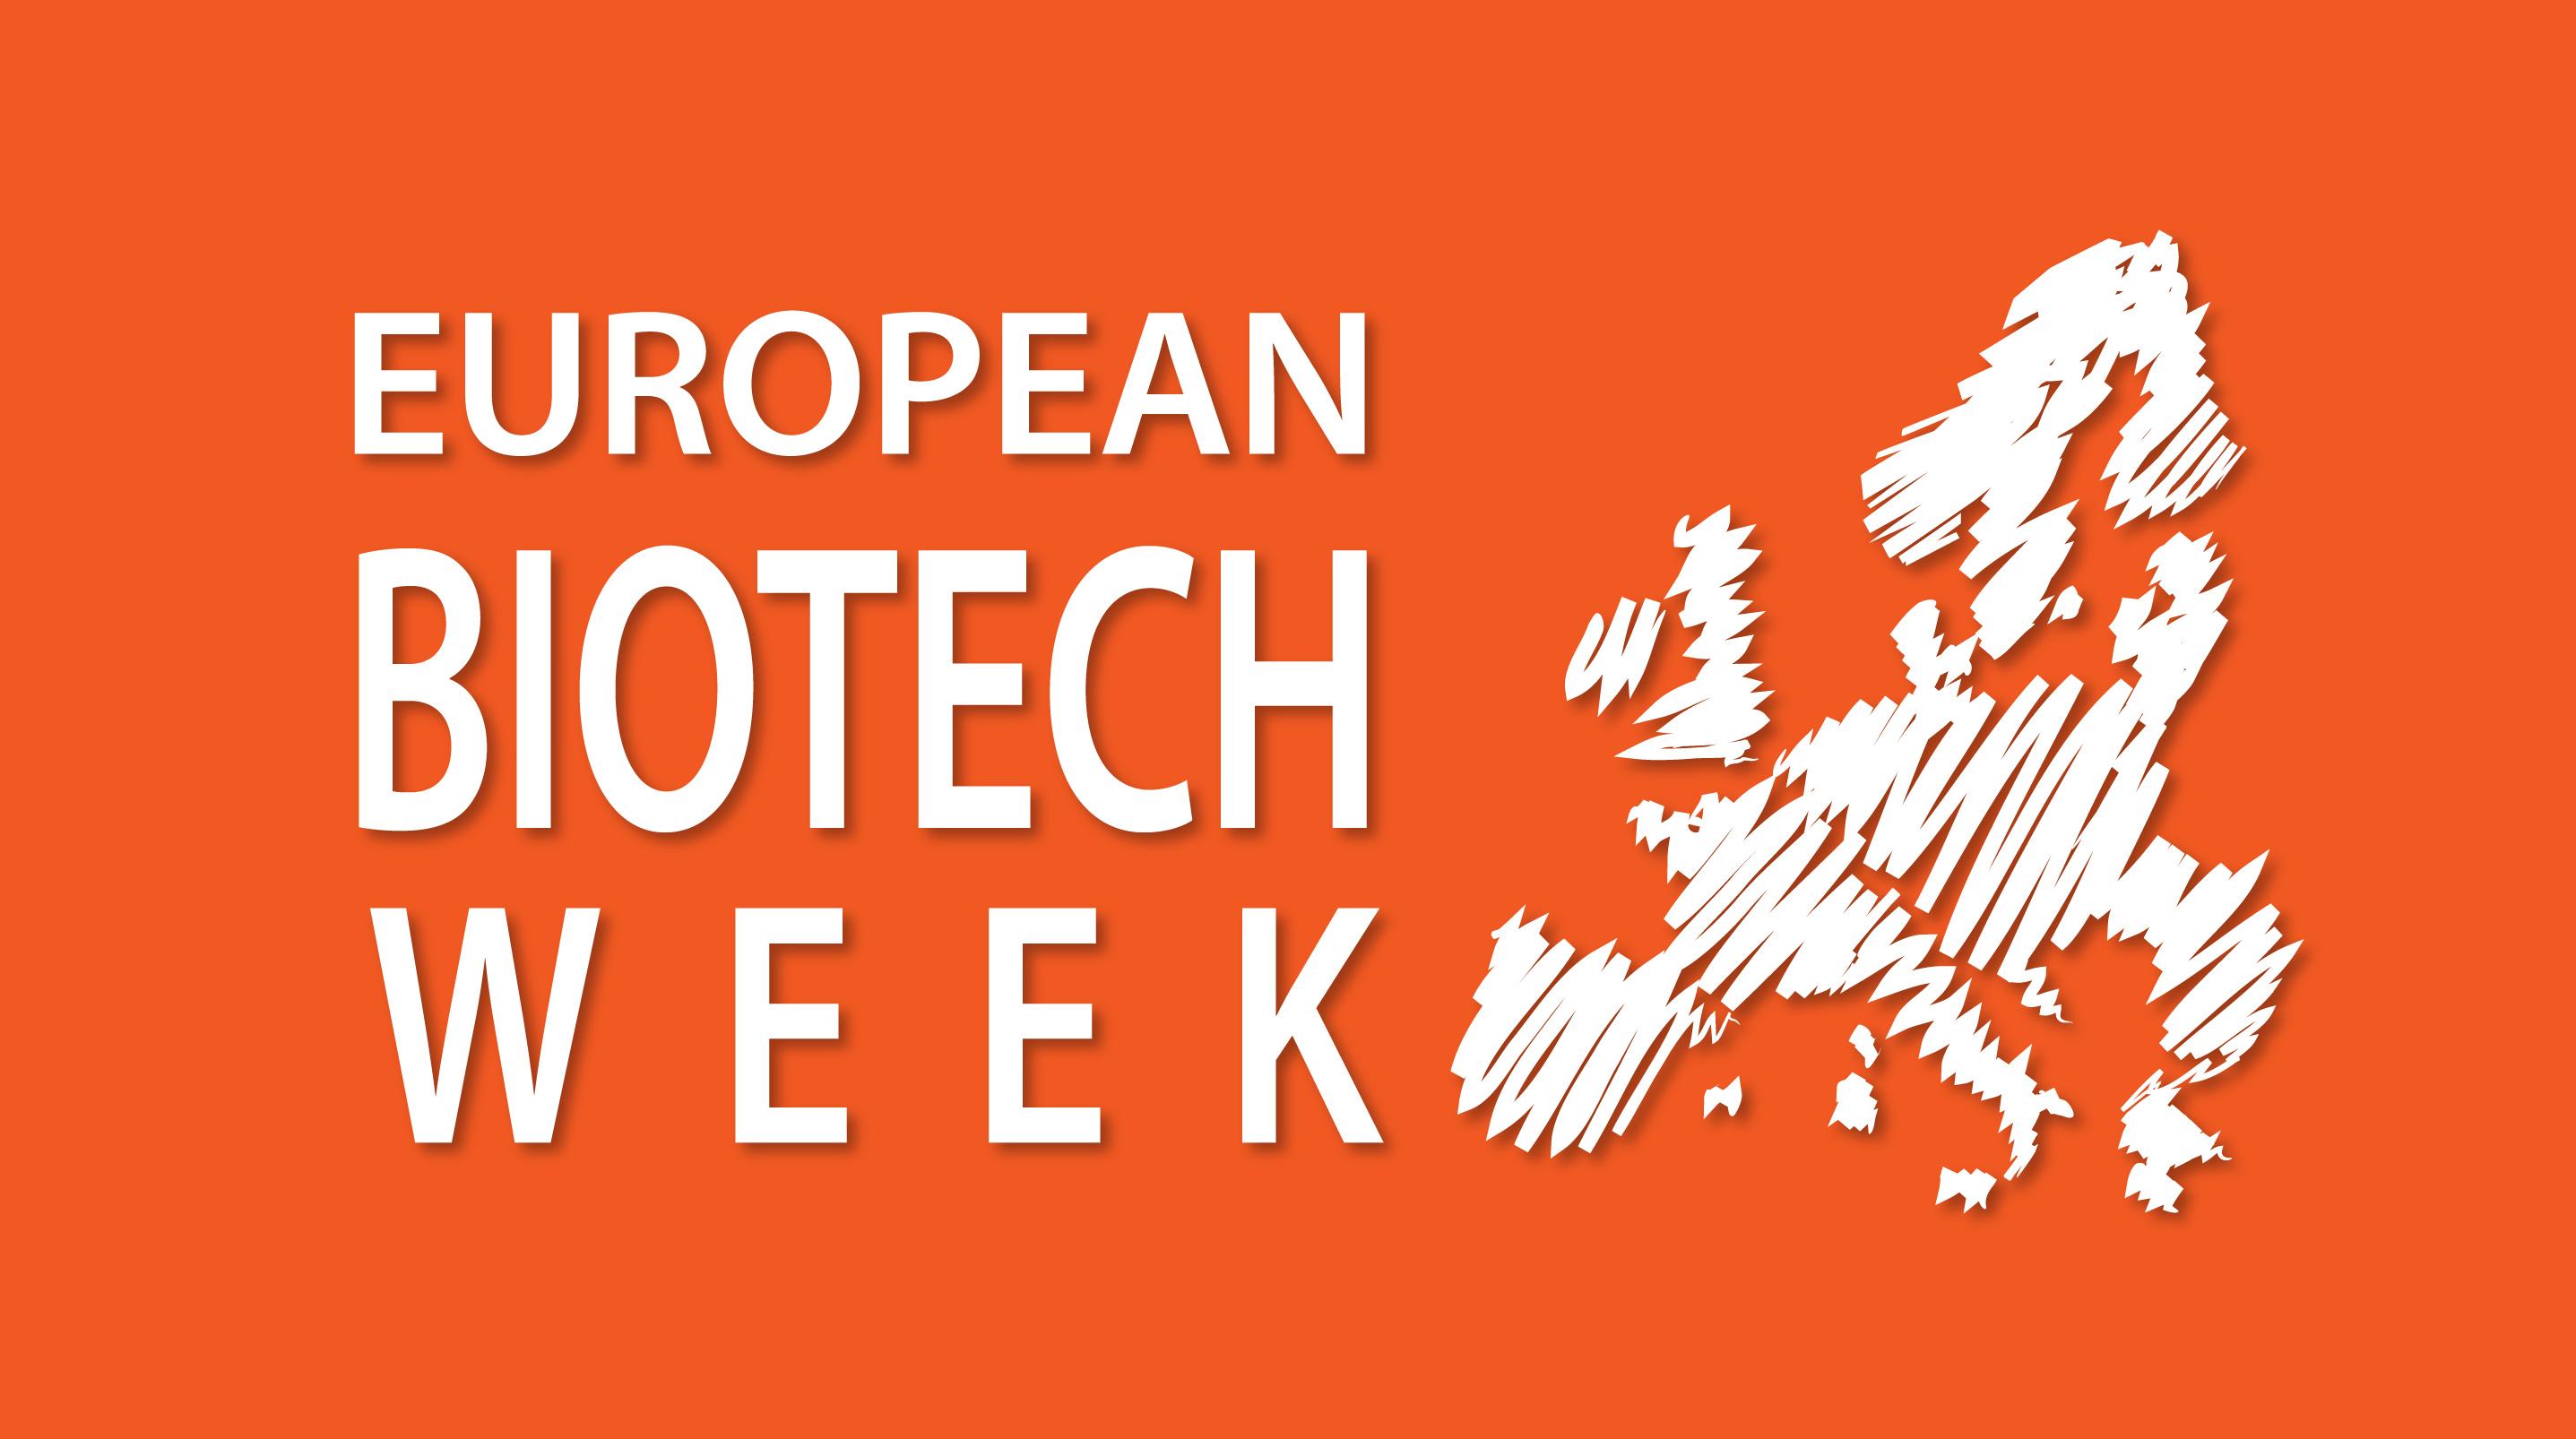 Biotech week